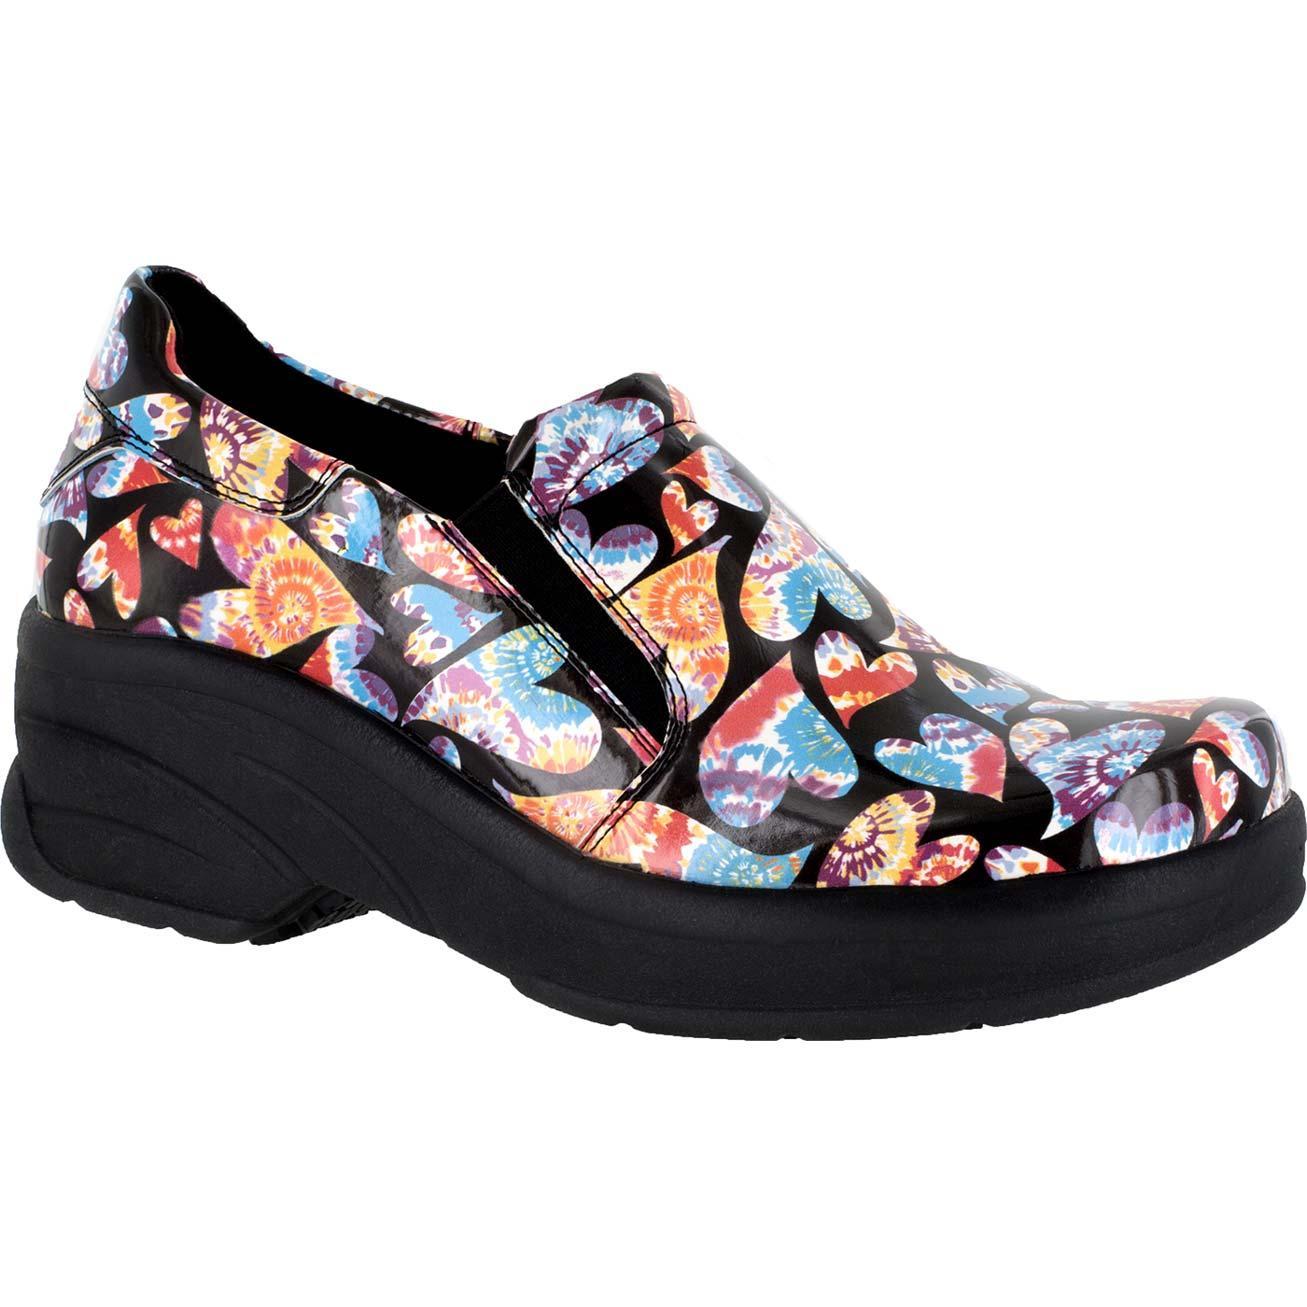 Easy Street Easy Works By Women's Appreciate Slip Resistant Clogs Women's Shoes